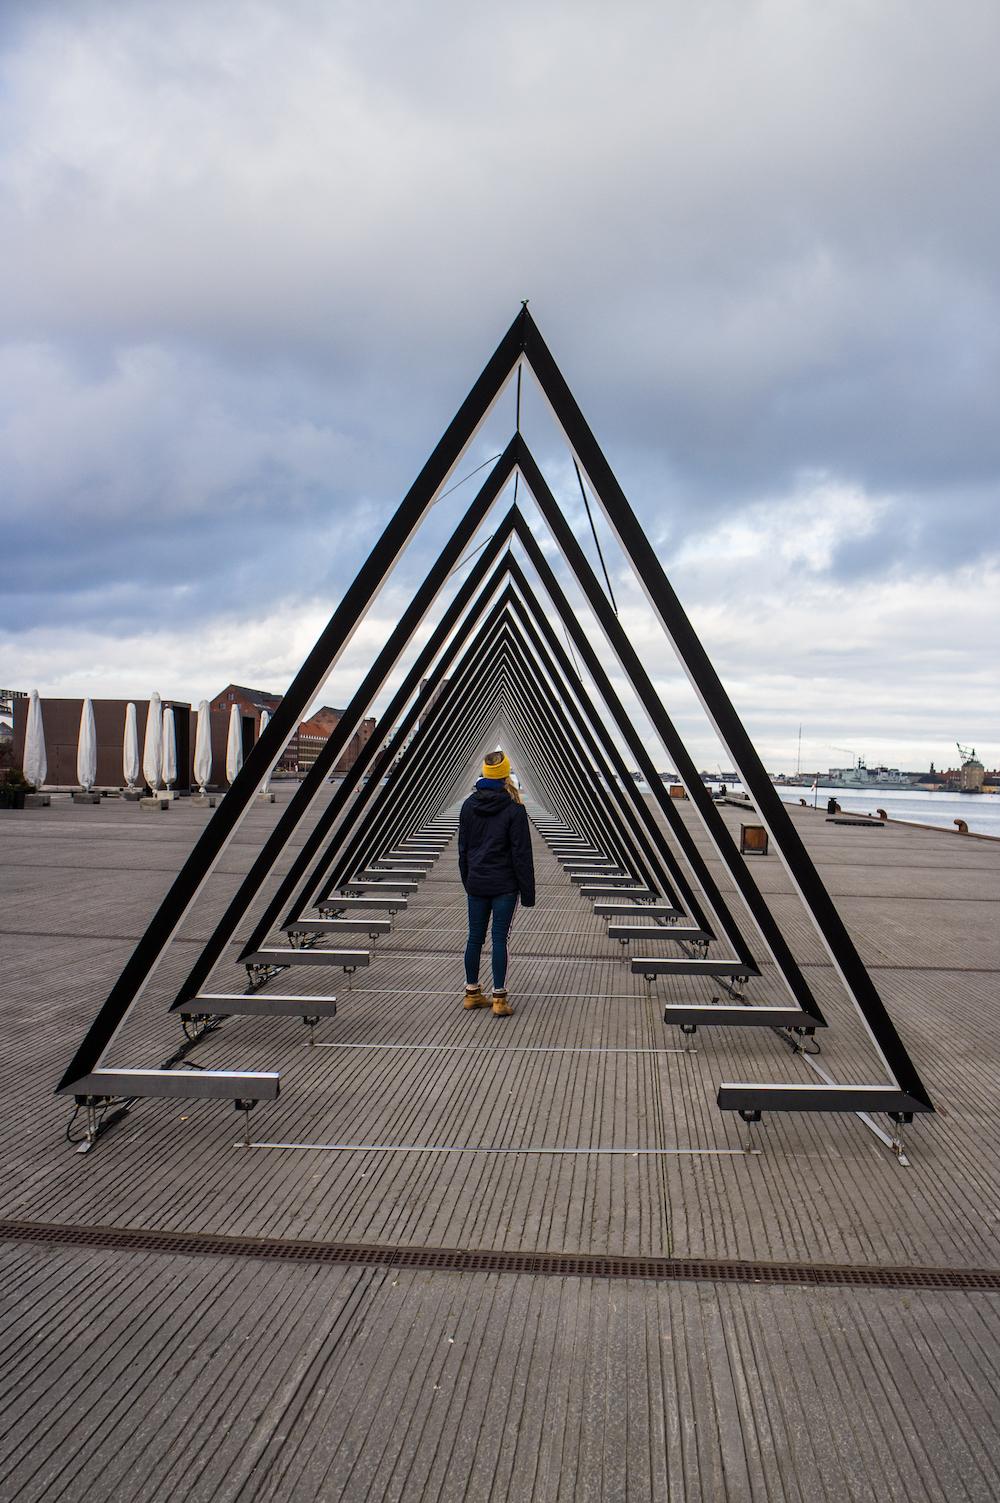 driehoeken haven in kopenhagen stedentrip